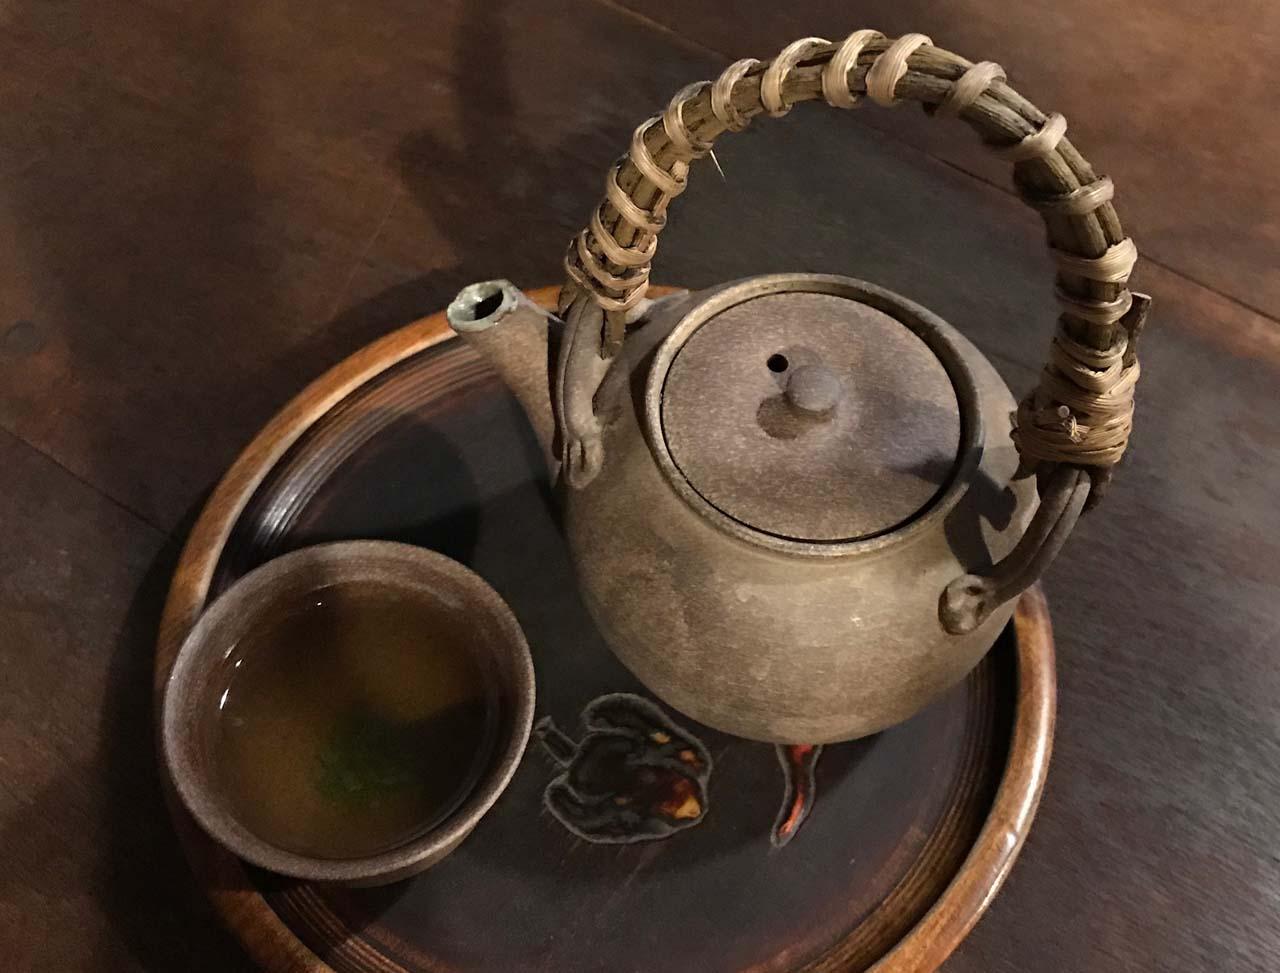 かさぎ屋 茶器